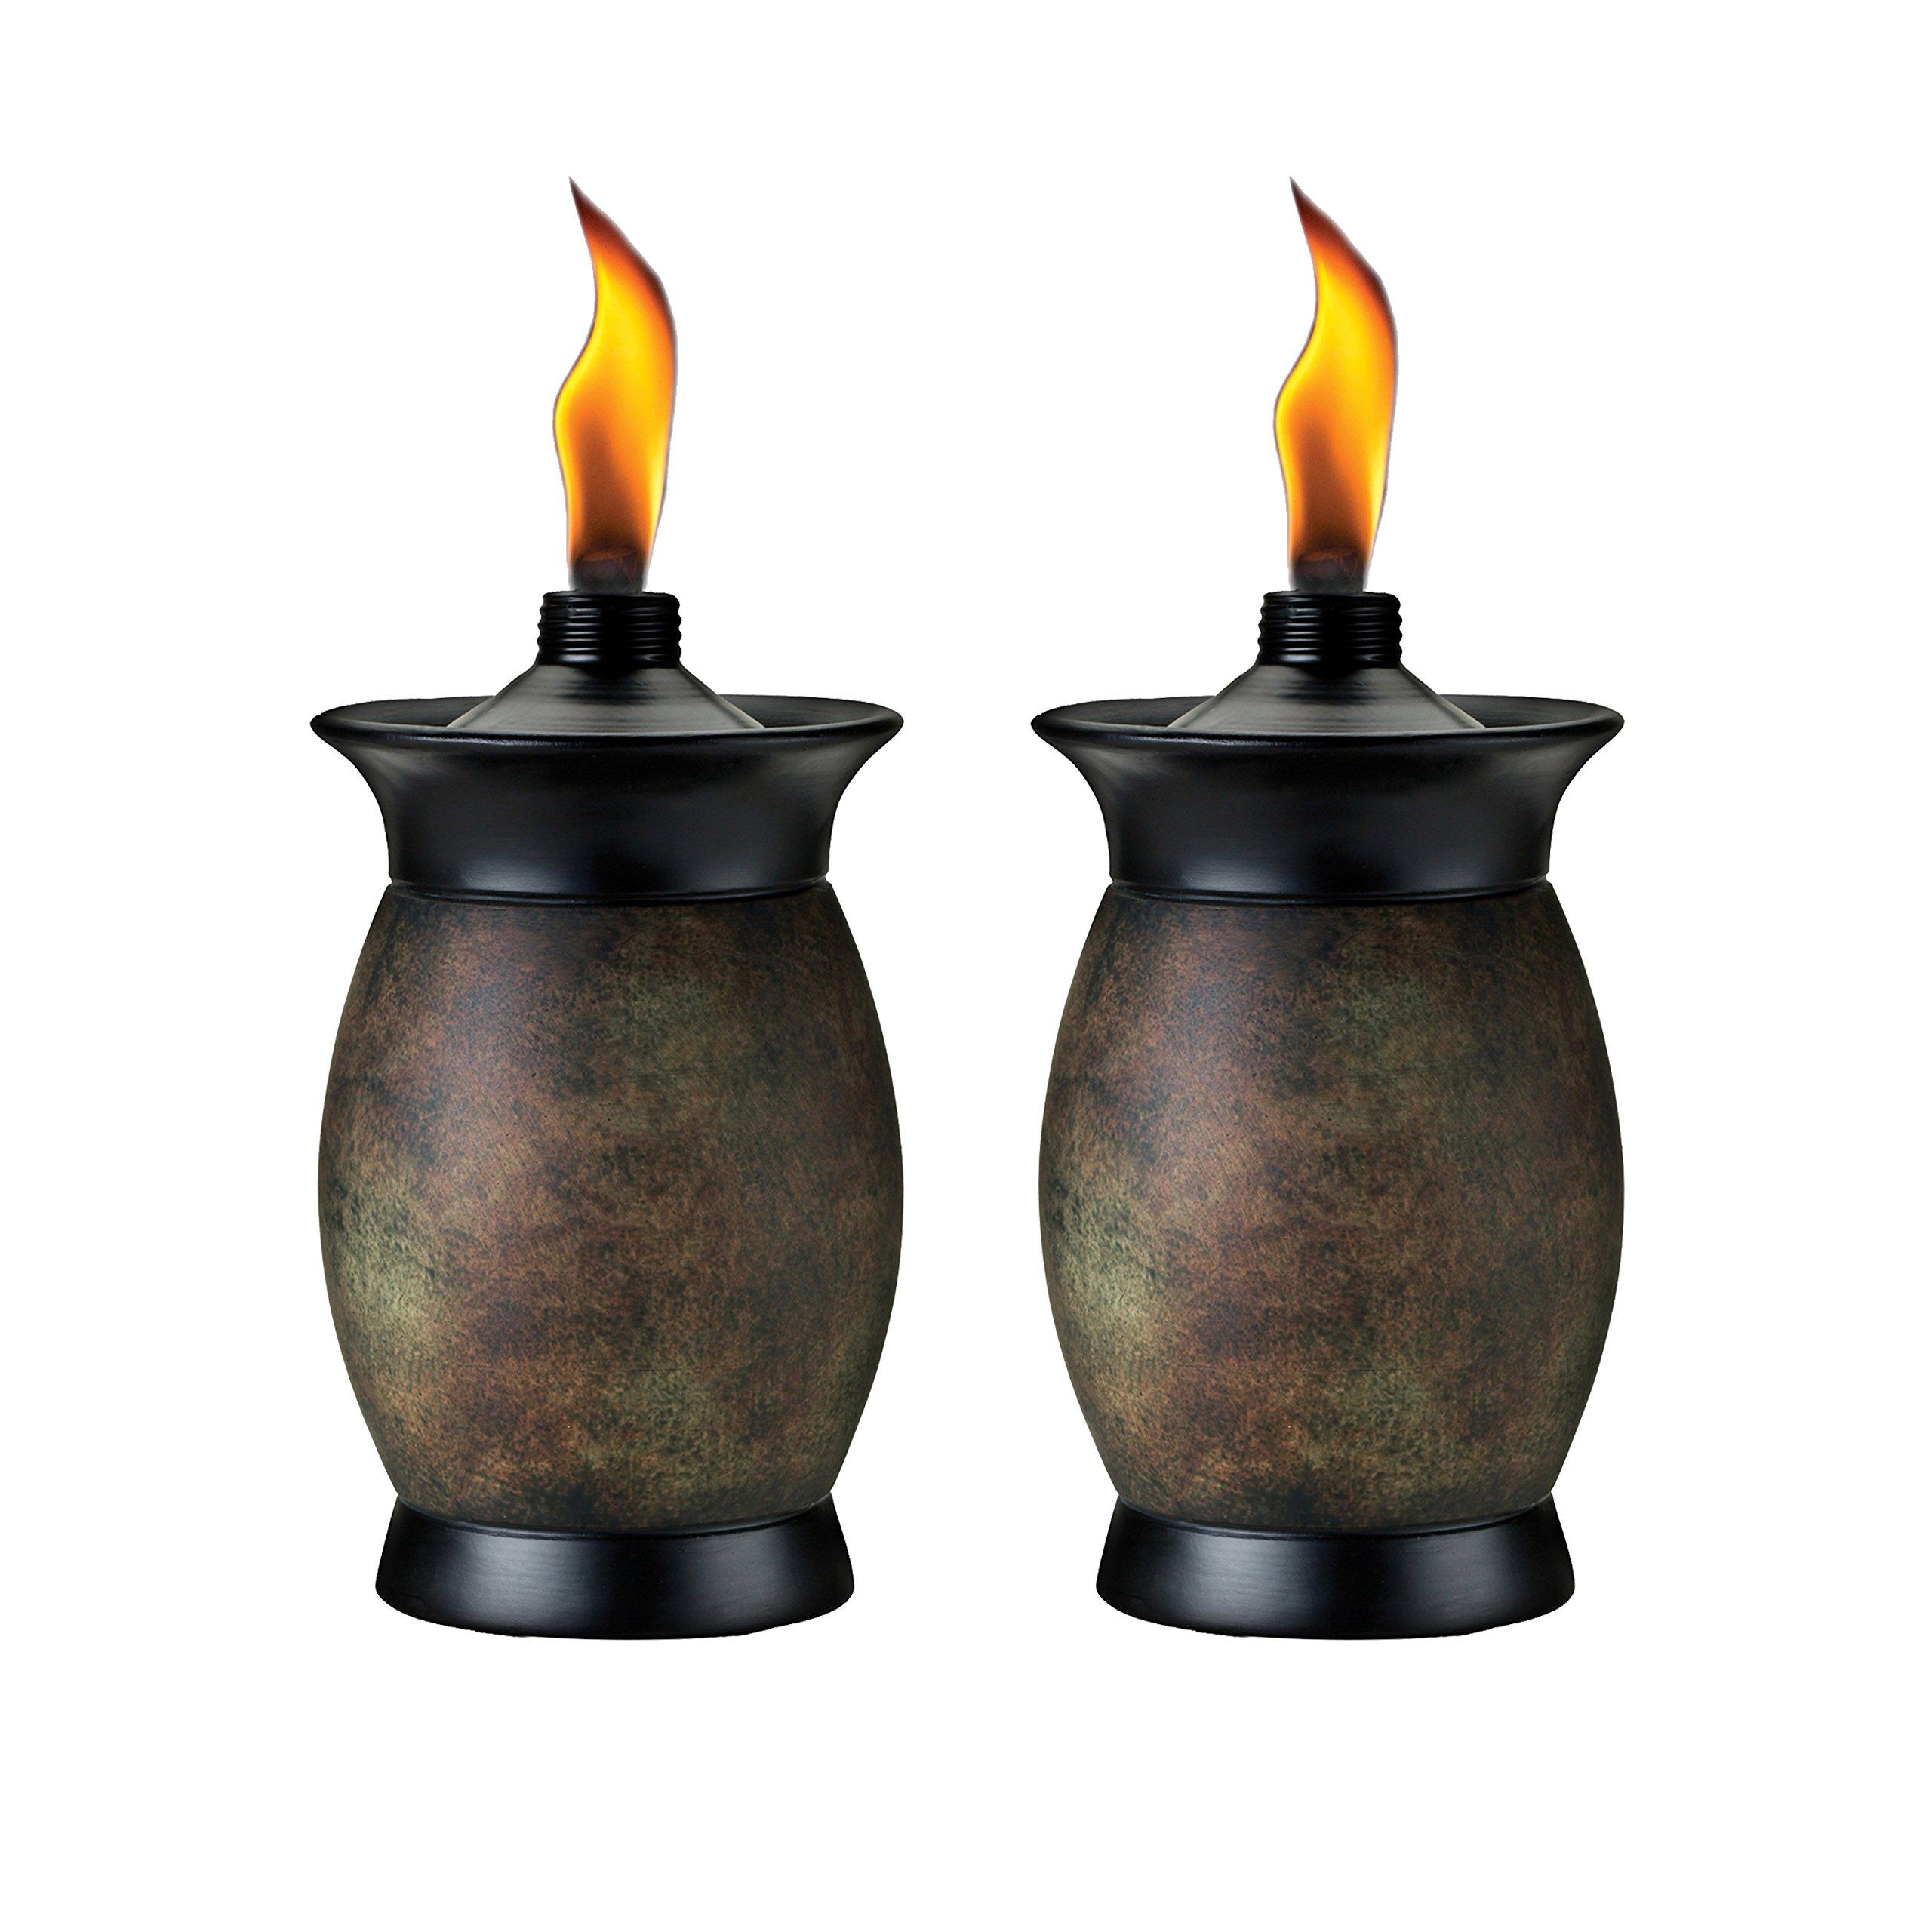 Tiki Brand 1115008 4N1 Torch Metal, 2 Pack by Tiki